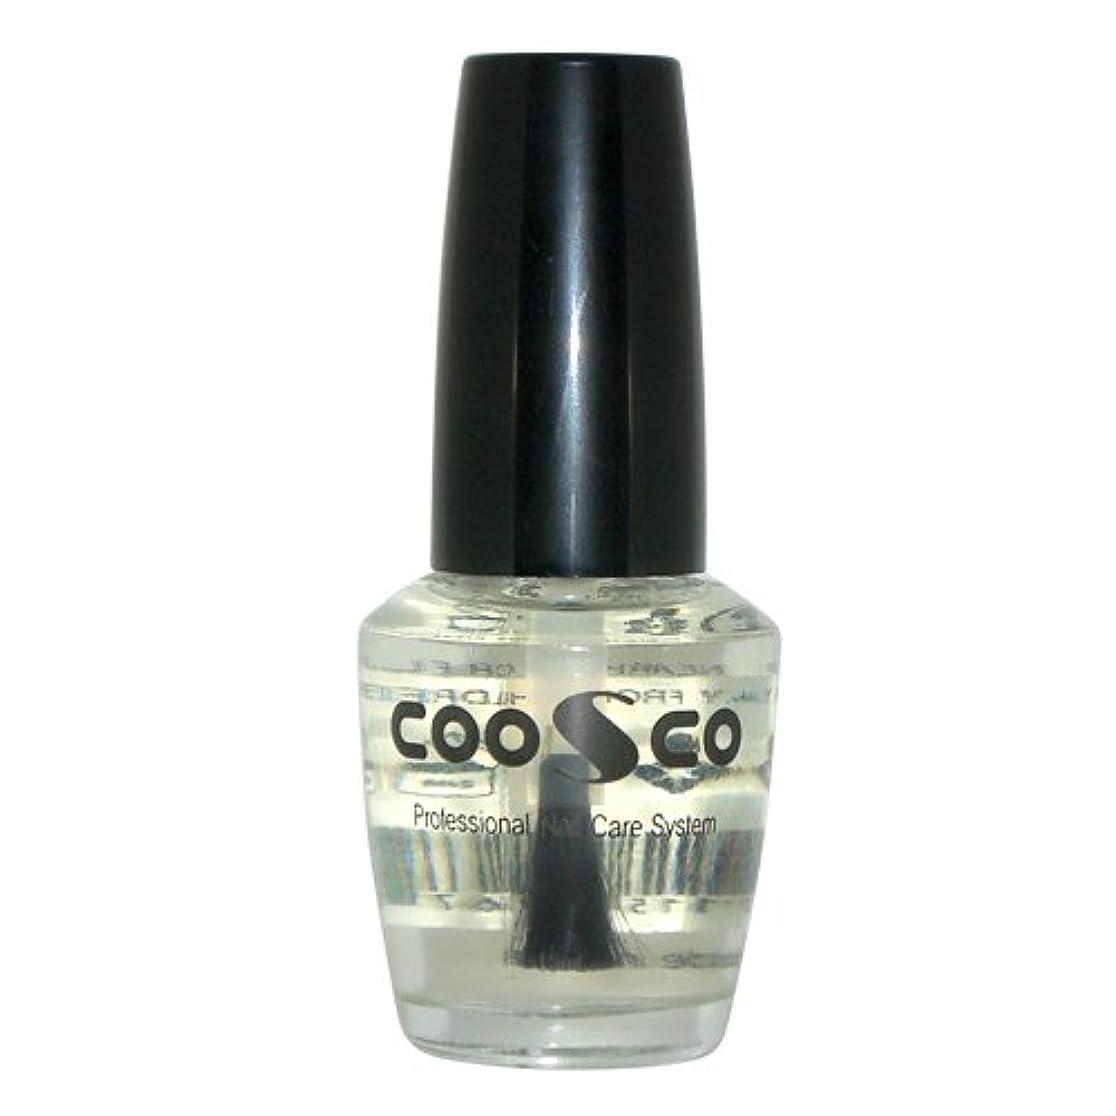 マイクロフォン視力お母さんチェスネイル用 CCトップコート (COOSCO Professional Nail Care System CC Top Coat) 15mL